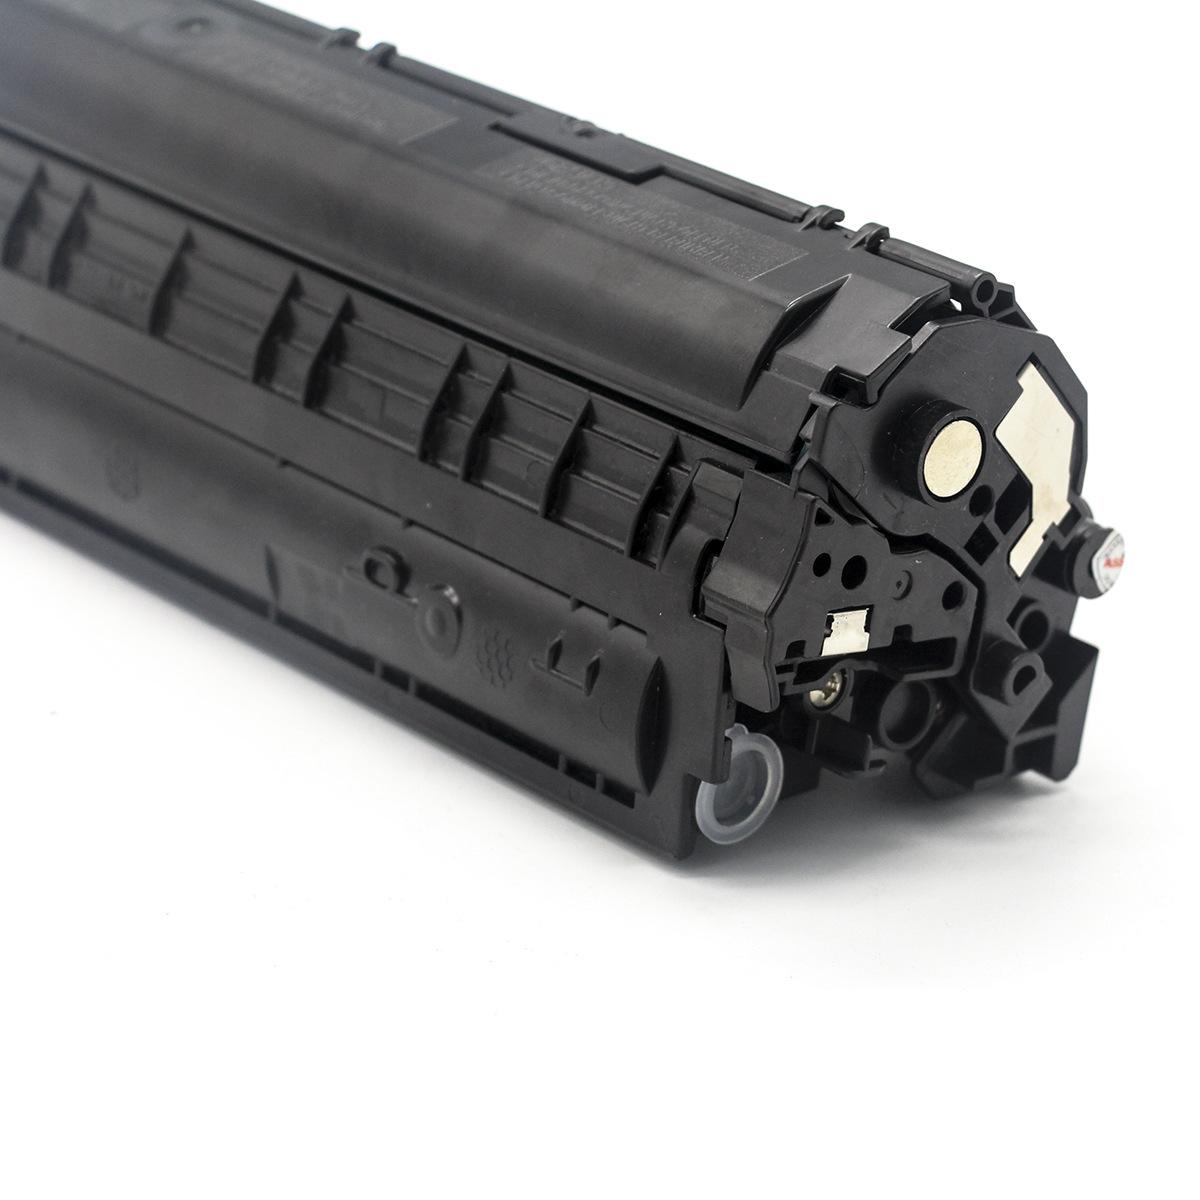 Hộp mực than  HP hp2612a hp1020 1010 M1005 q2612 12a cartridges wholesale manufacturers 12A